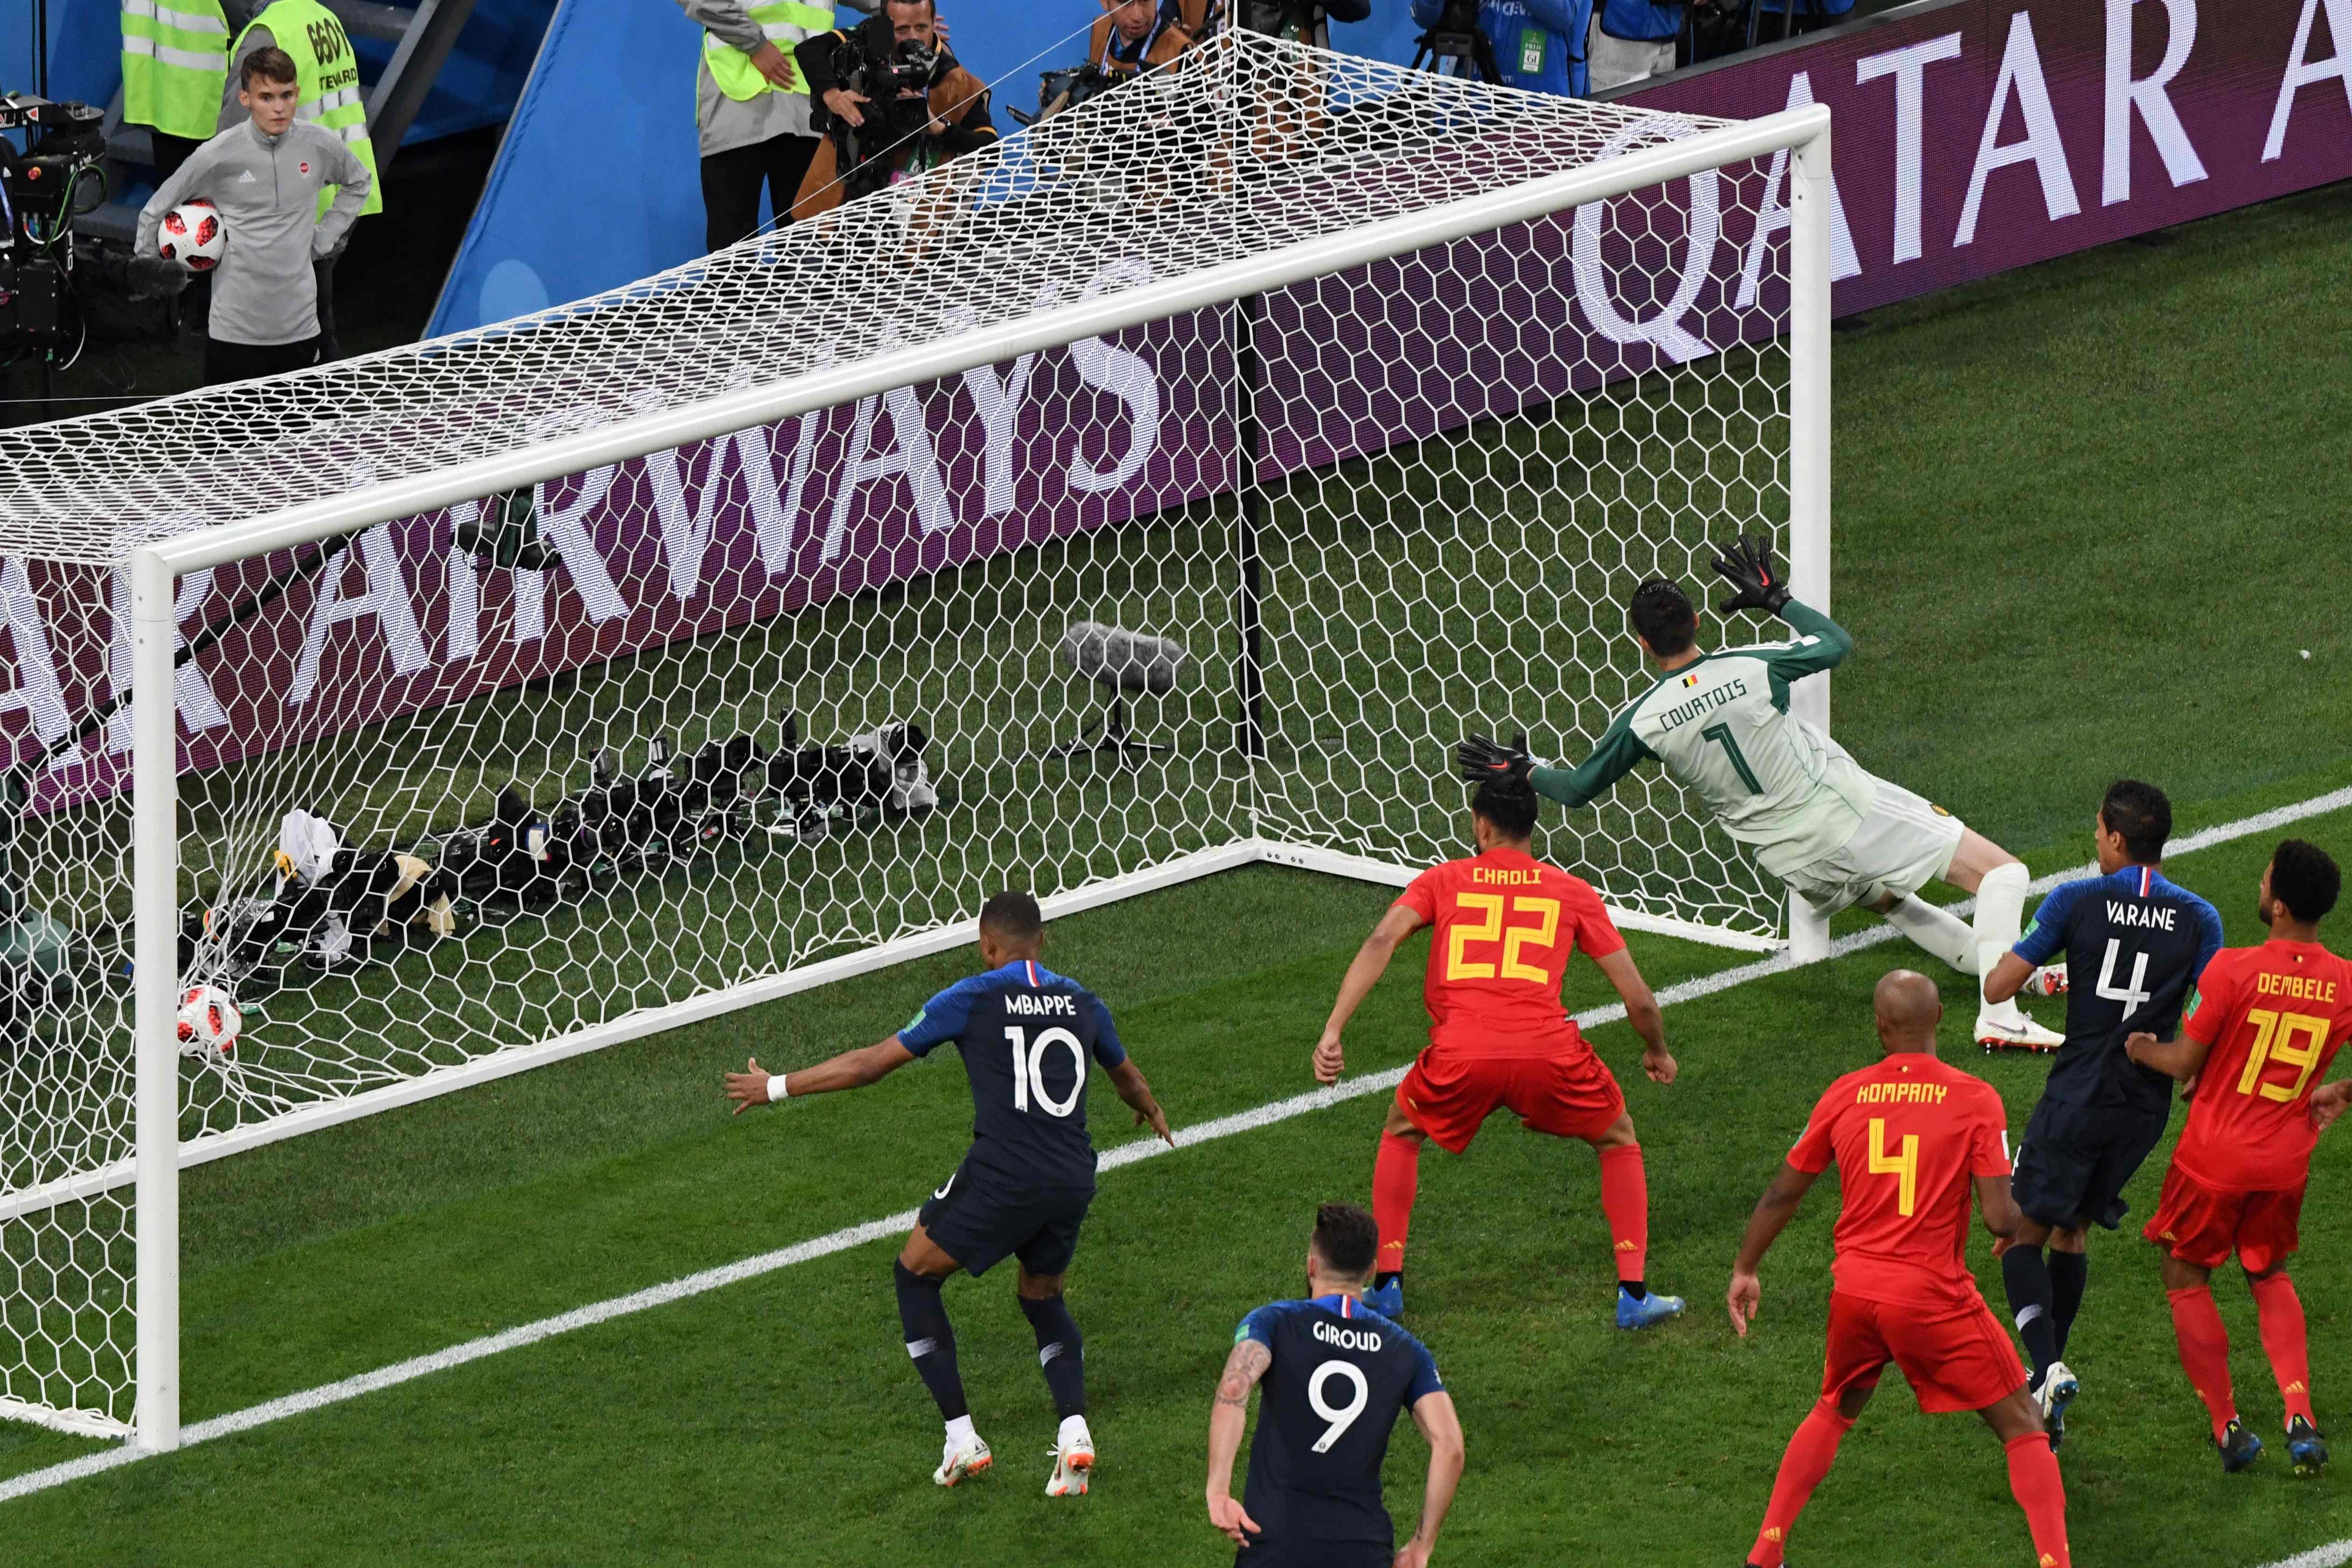 世足賽法國以1:0擊敗比利時,圖為法國隊(藍色球衣)進球。(Getty Images)